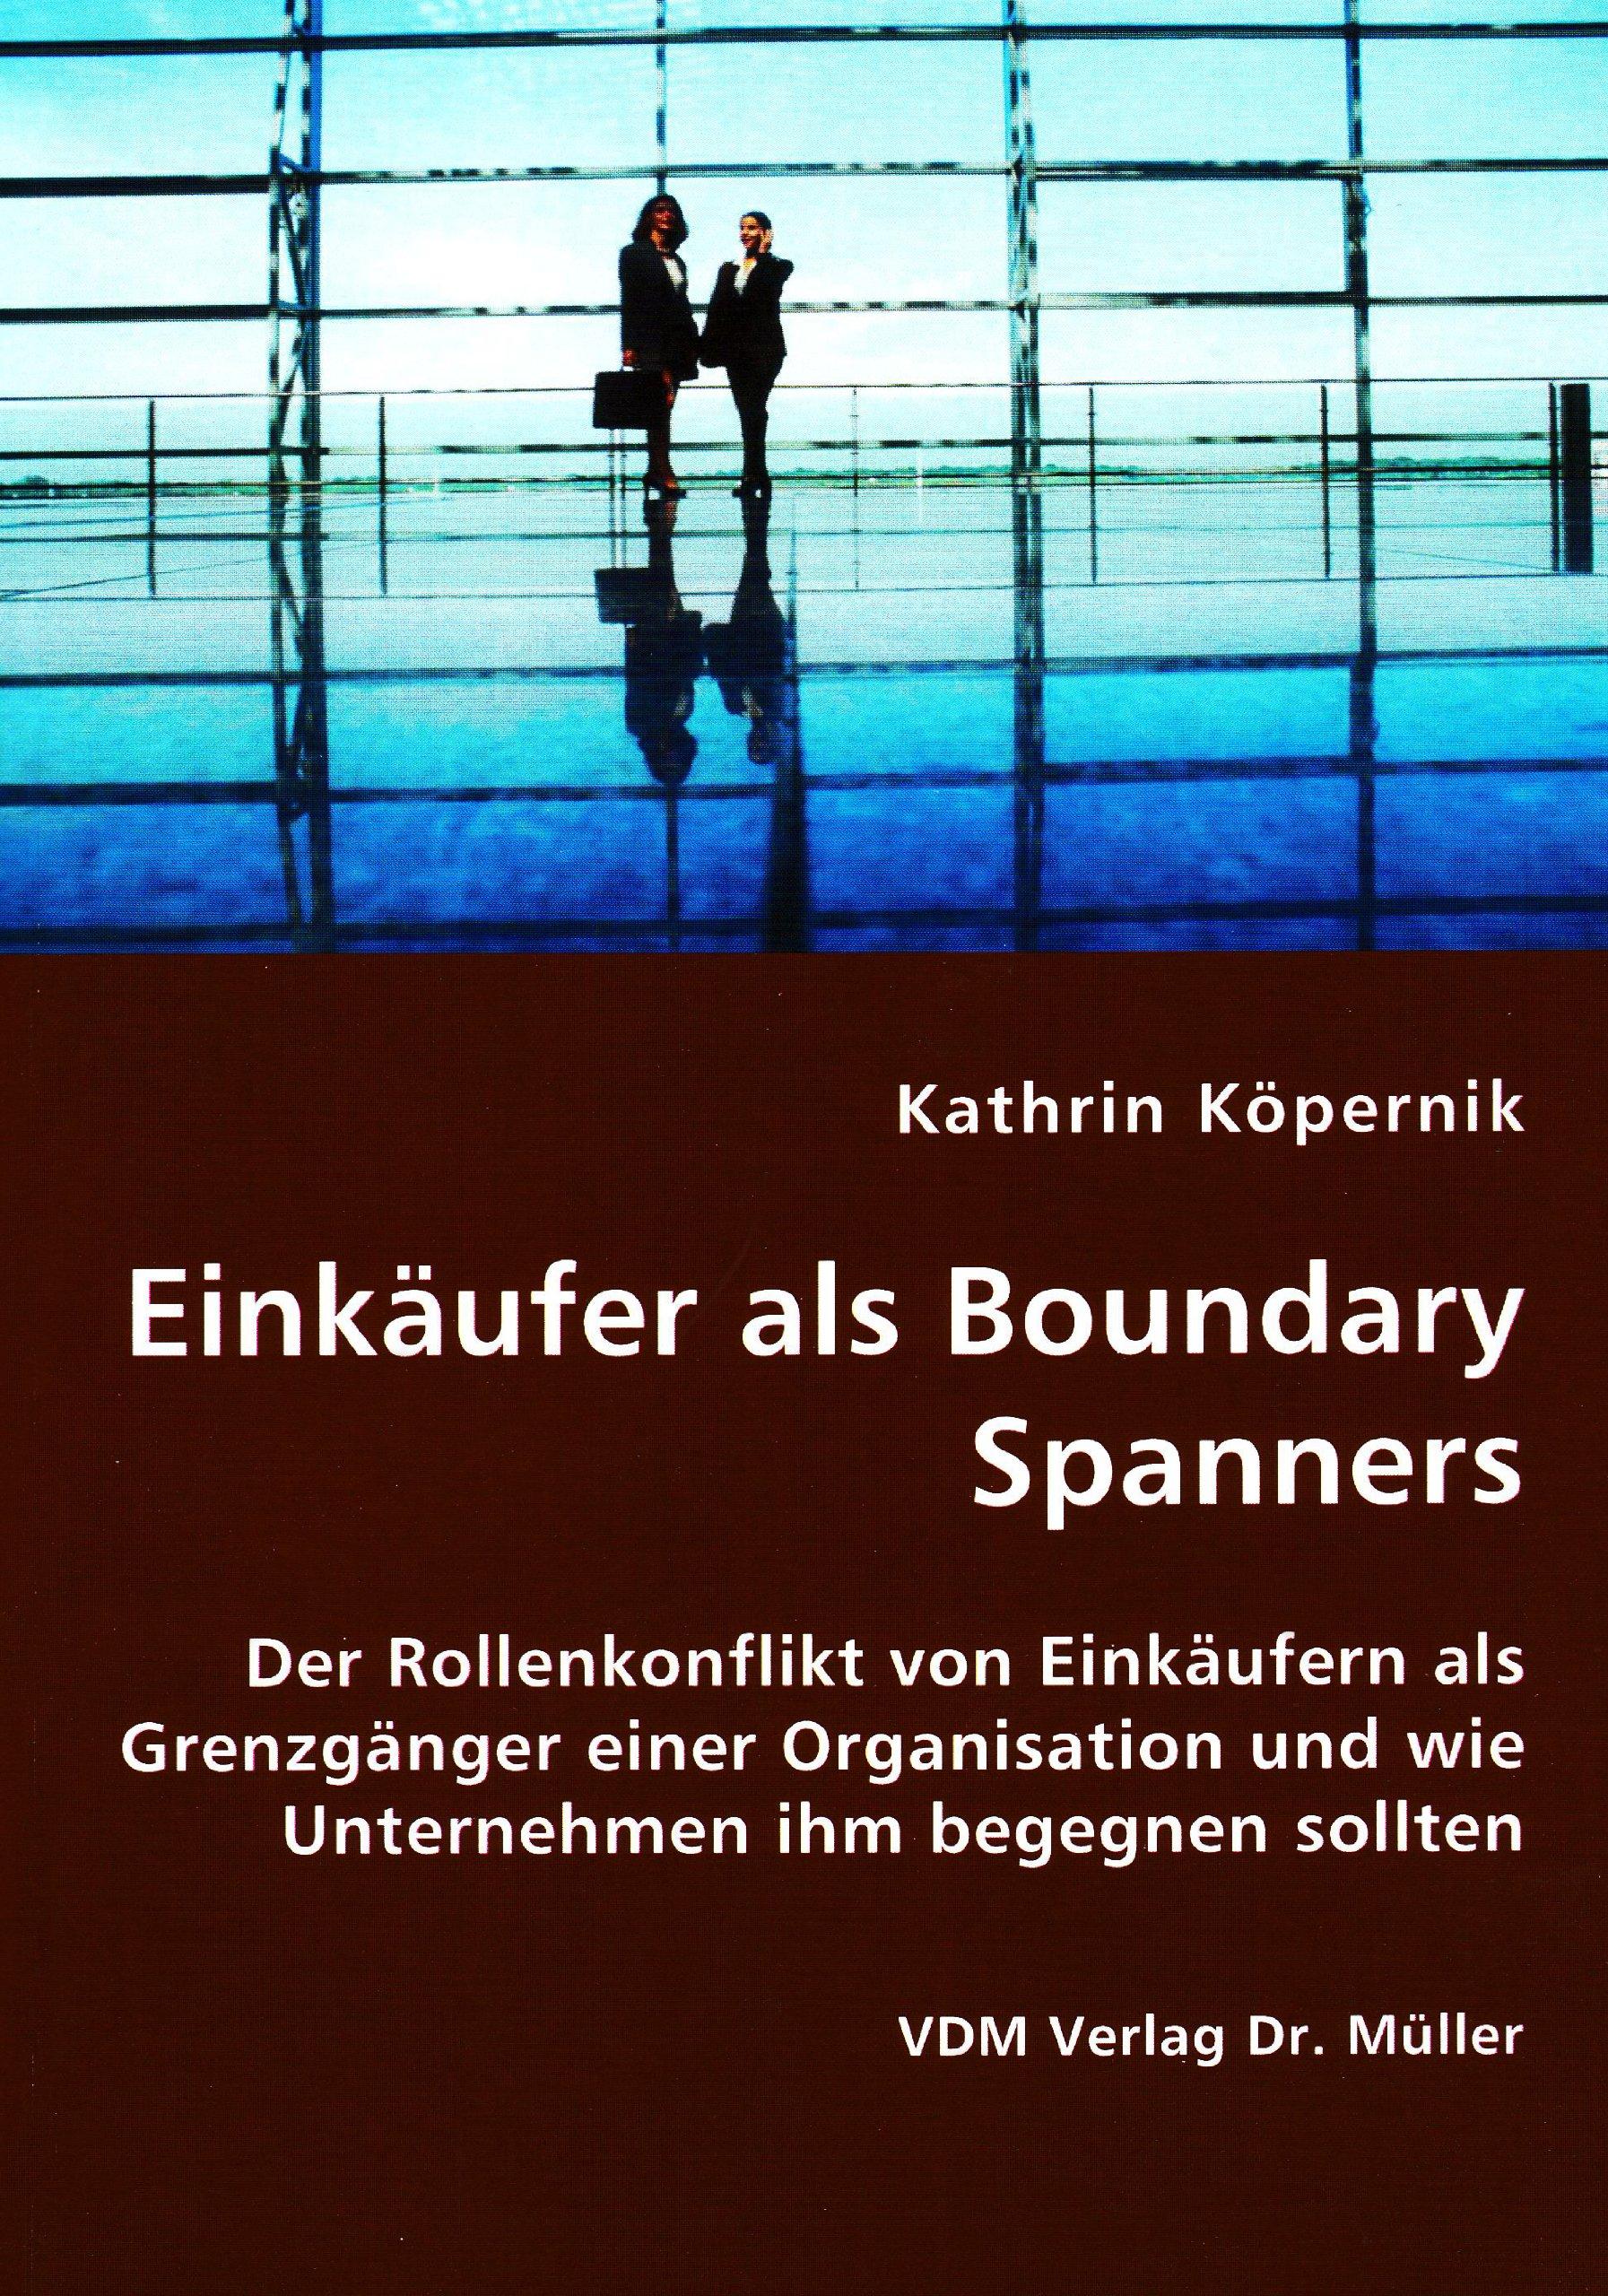 Einkäufer als Boundary Spanners: Der Rollenkonflikt von Einkäufern als Grenzgänger einer Organisation und wie Unternehmen ihm begegnen sollten